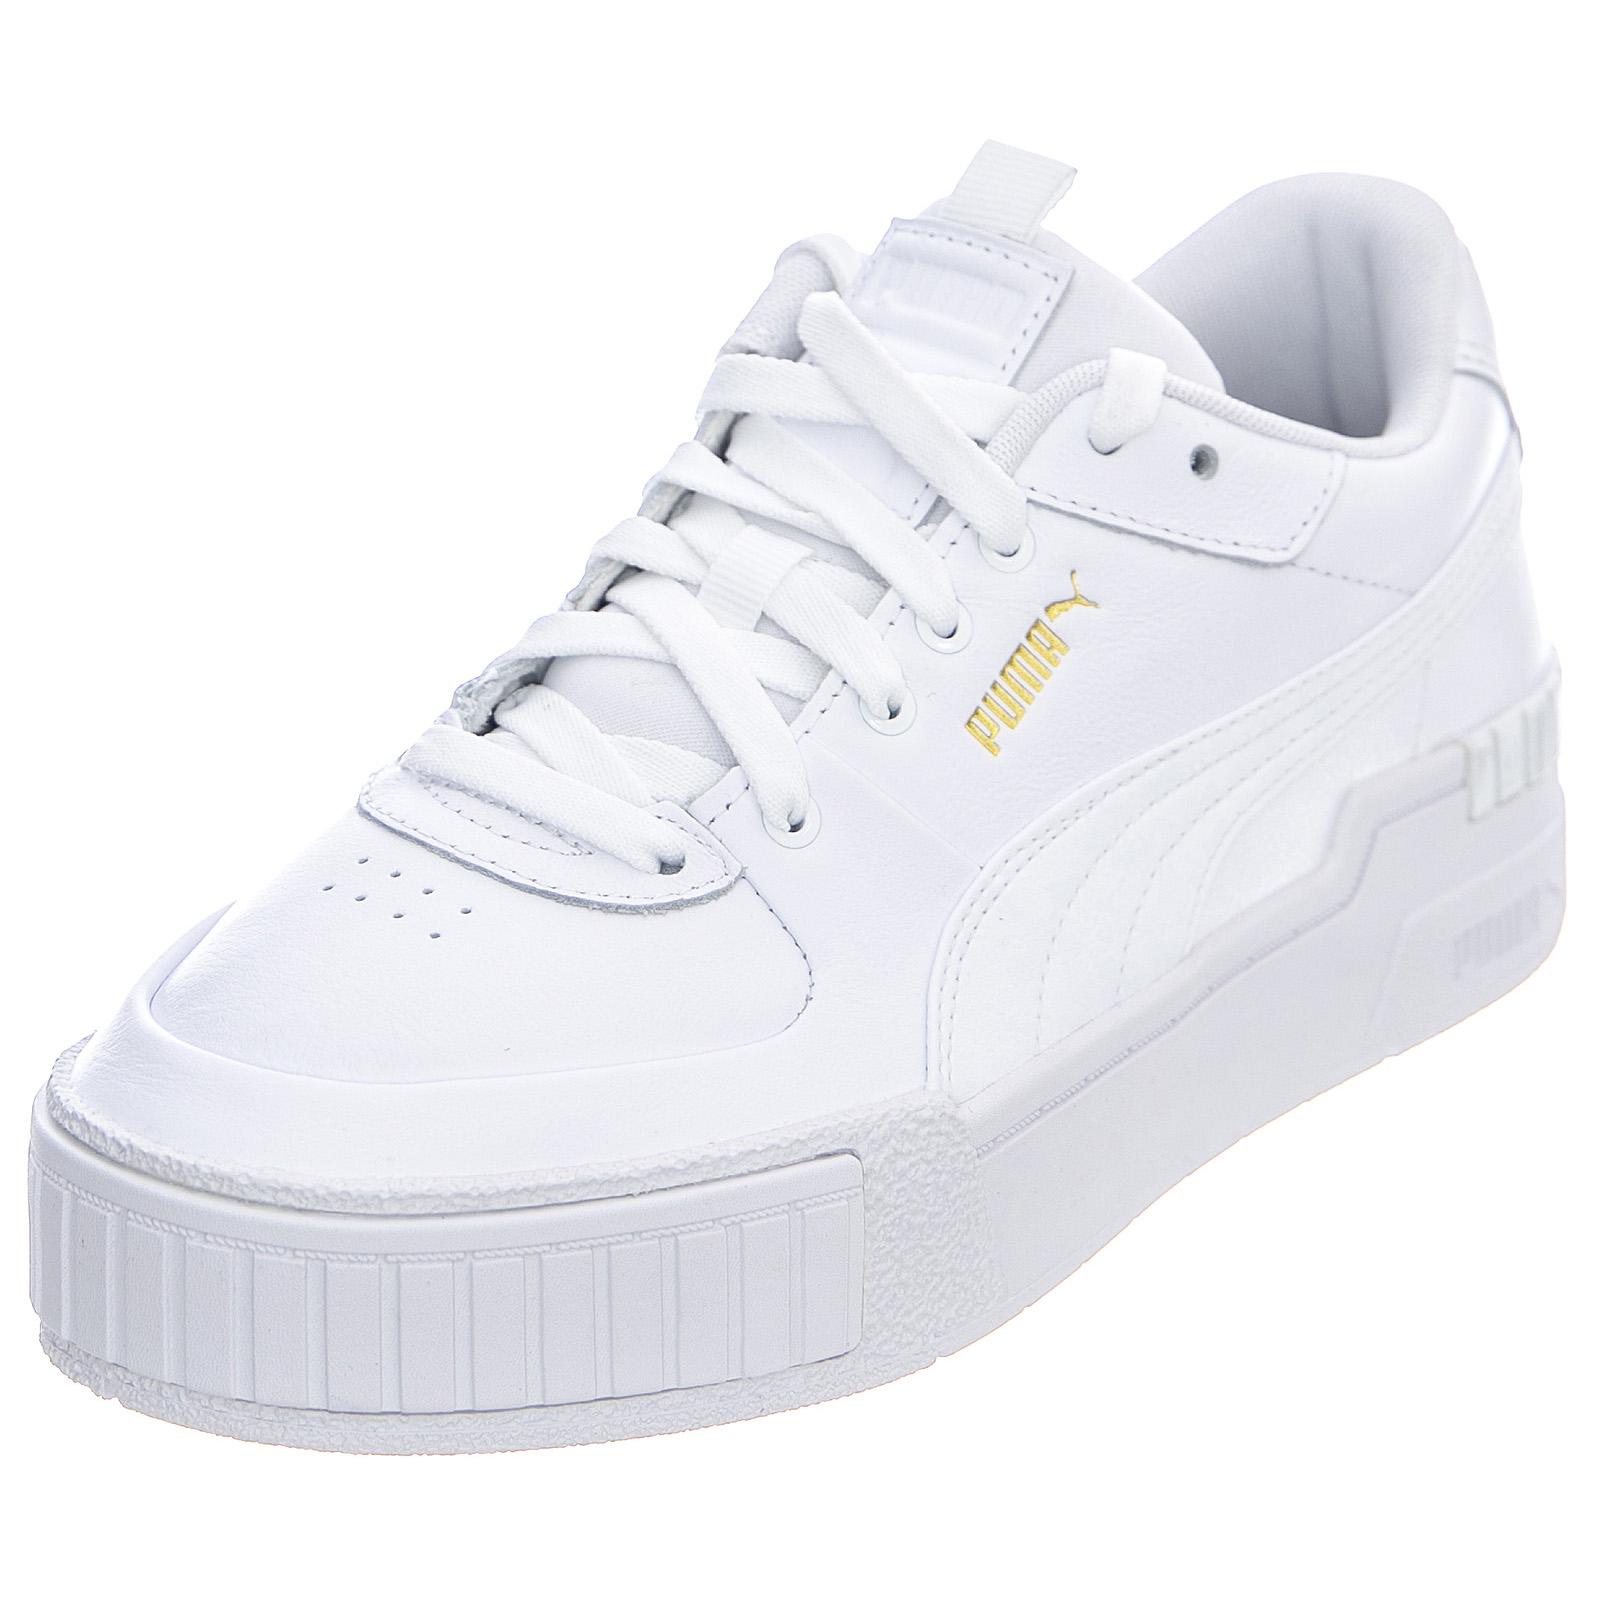 puma scarpe bianche